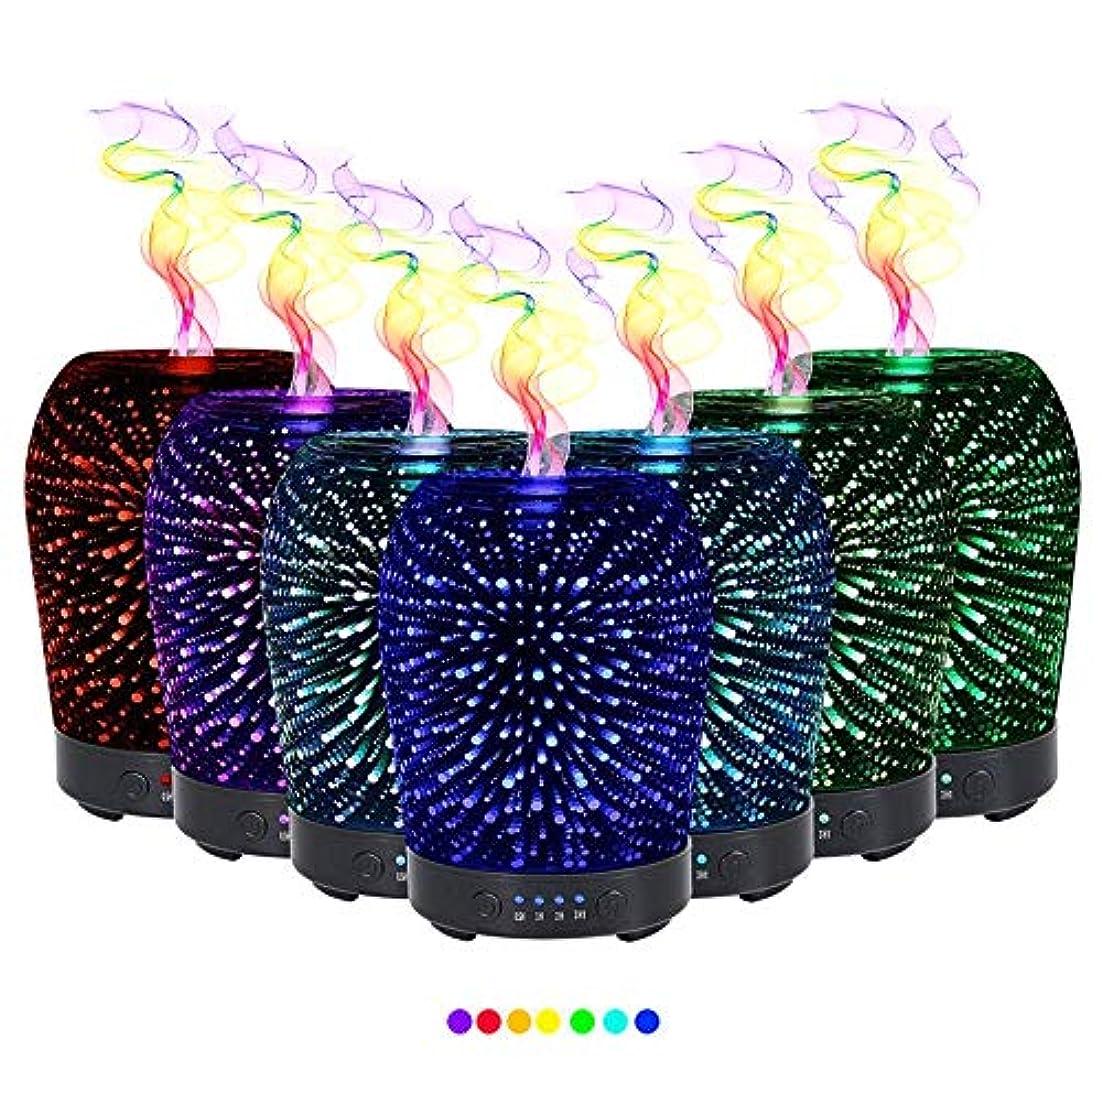 いわゆる仲間、同僚かき混ぜるエッセンシャルオイル用ディフューザー (100ml)-クリエイティブガラスゴージャスな花火アロマ加湿器7色変更 LED ライト & 4 タイマー設定、水なしオートシャットオフ